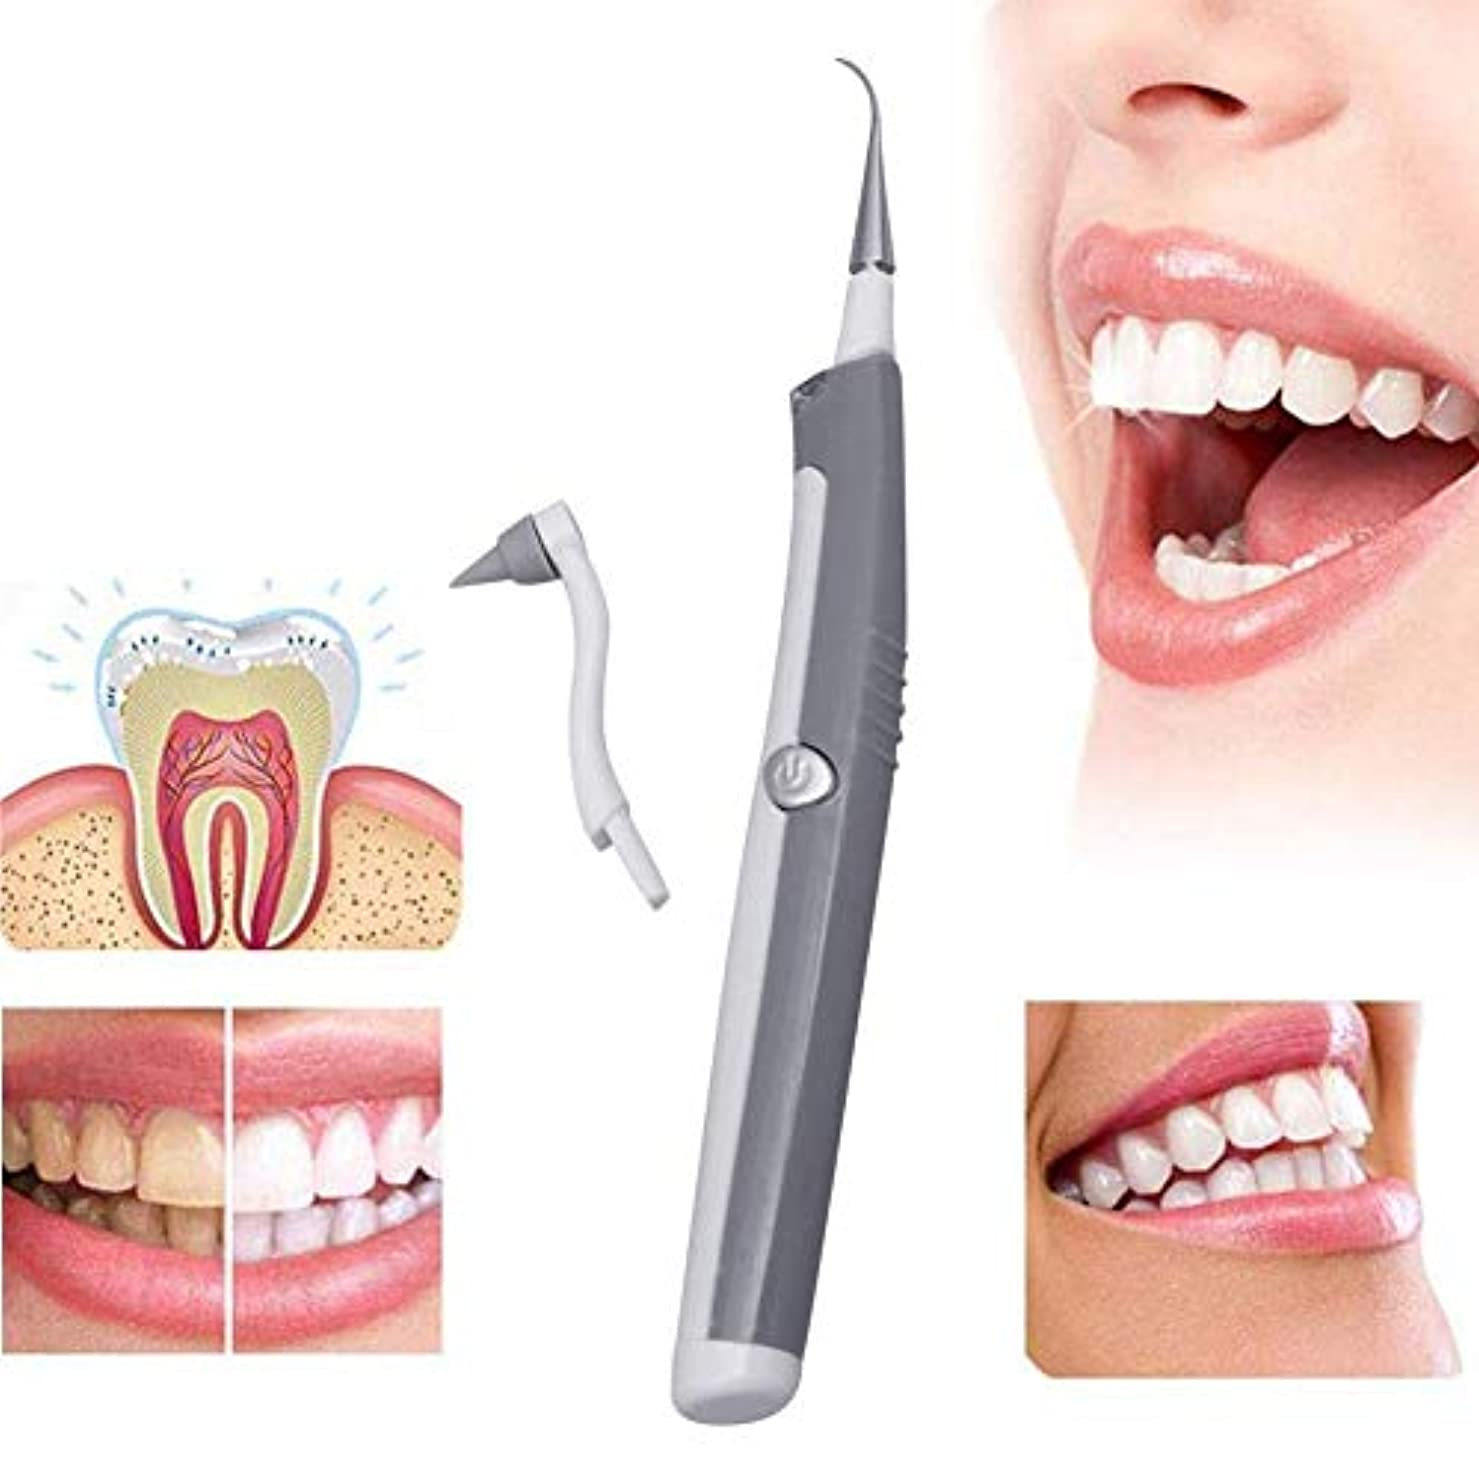 政策抵抗力がある矢印振動歯ホワイトニングツール電動歯石マッサージ歯ホワイトニング歯科クリーニングスケーラ歯ツール